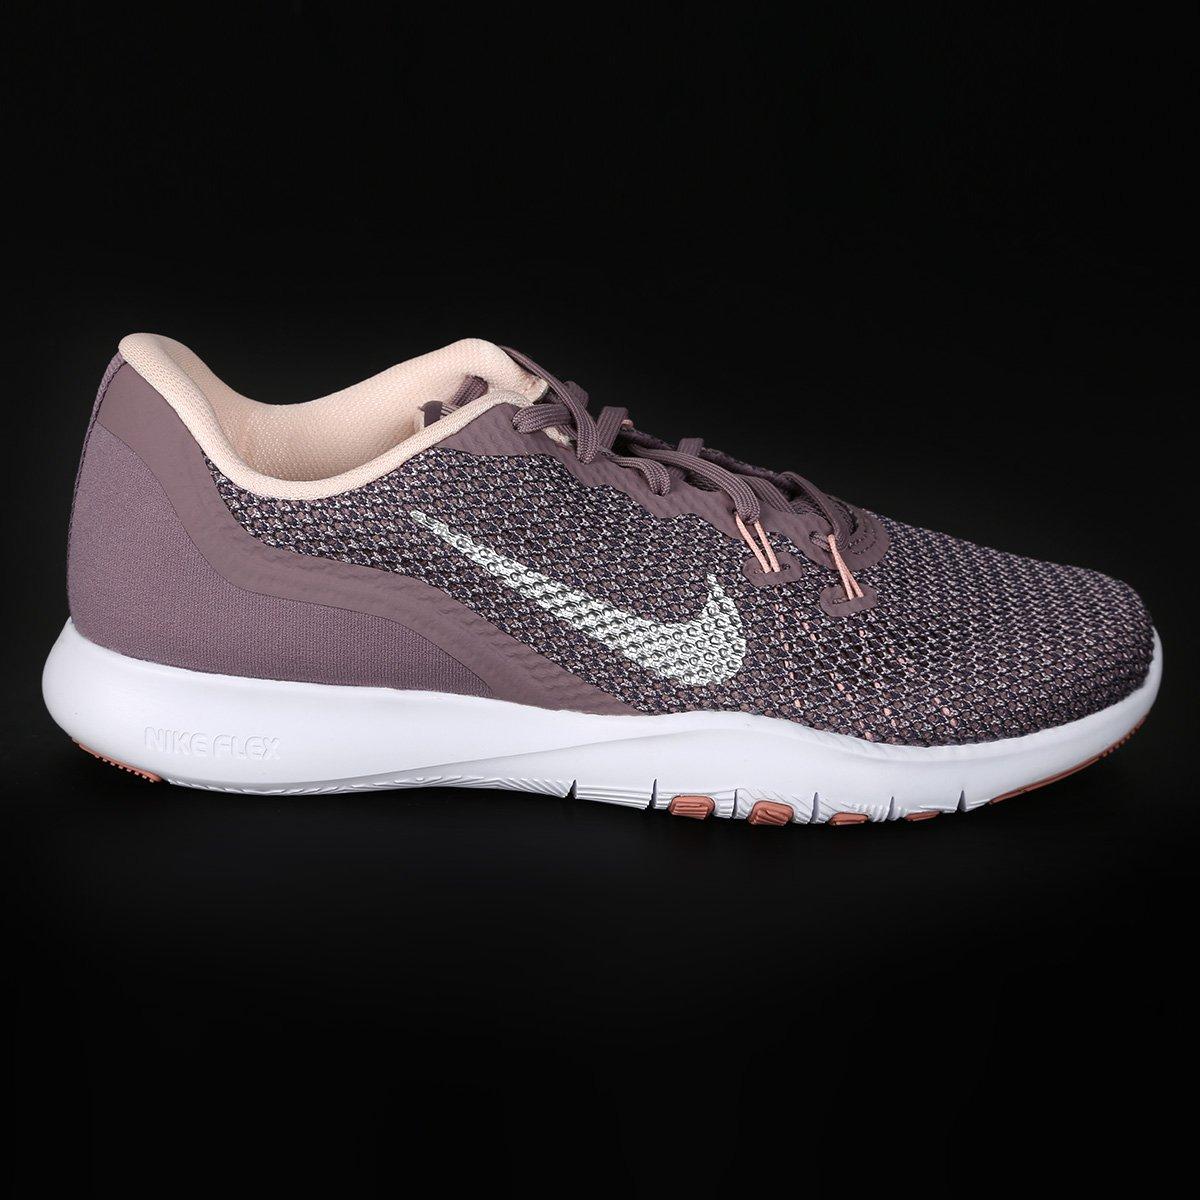 4e01f95dc71c8 Tênis Nike Flex Trainer 7 Bionic Feminino - Compre Agora